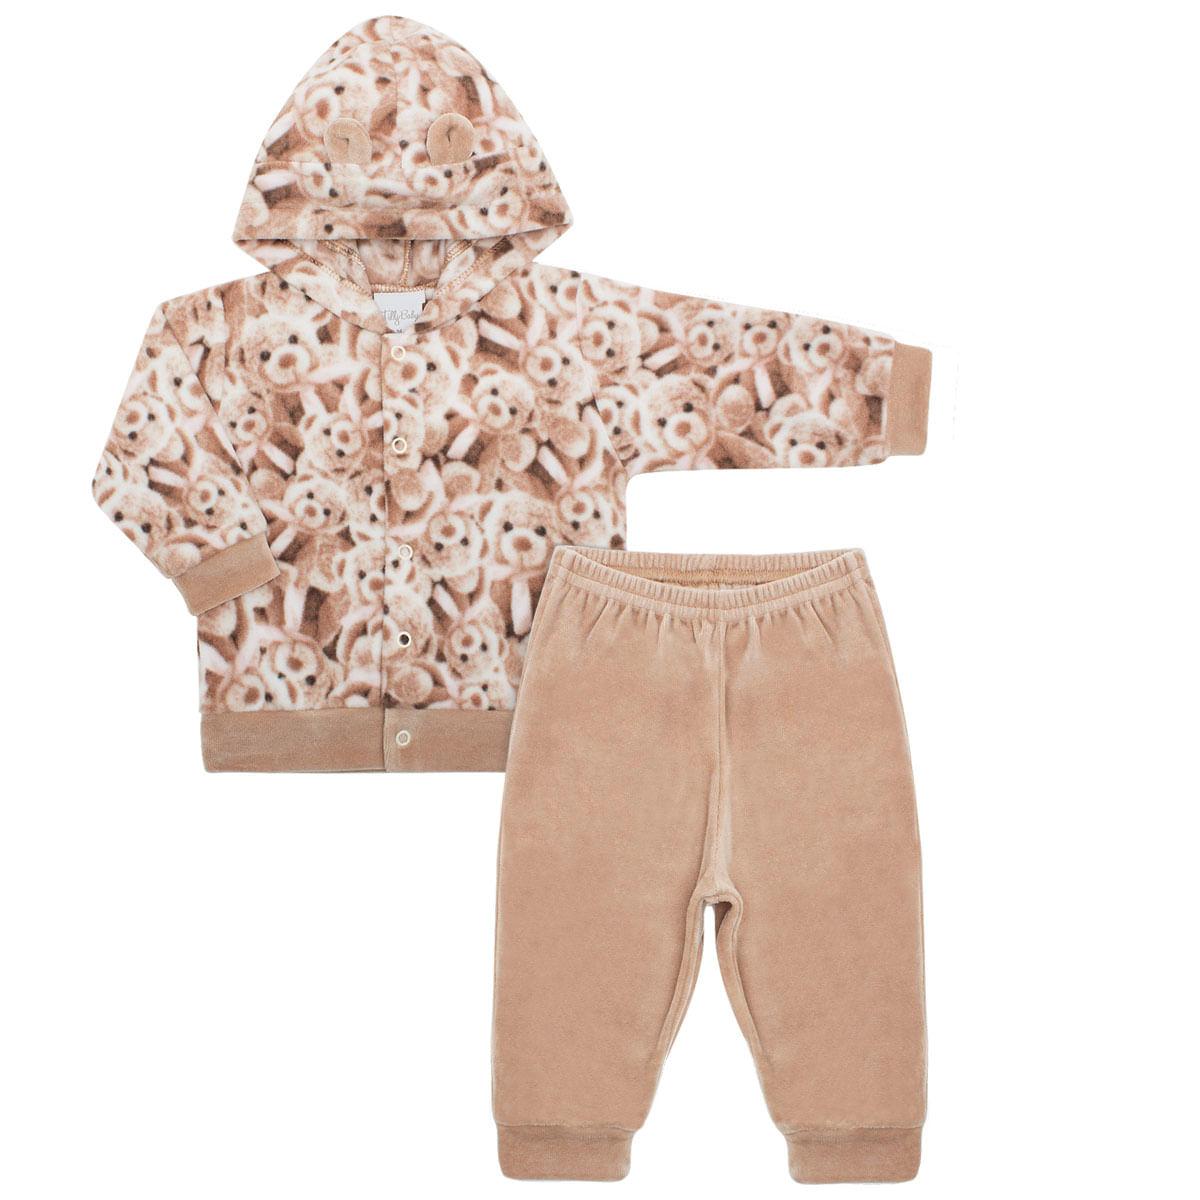 87411470e Casaco c/ capuz e Calça para bebe em soft Ursinhos - Tilly Baby no ...